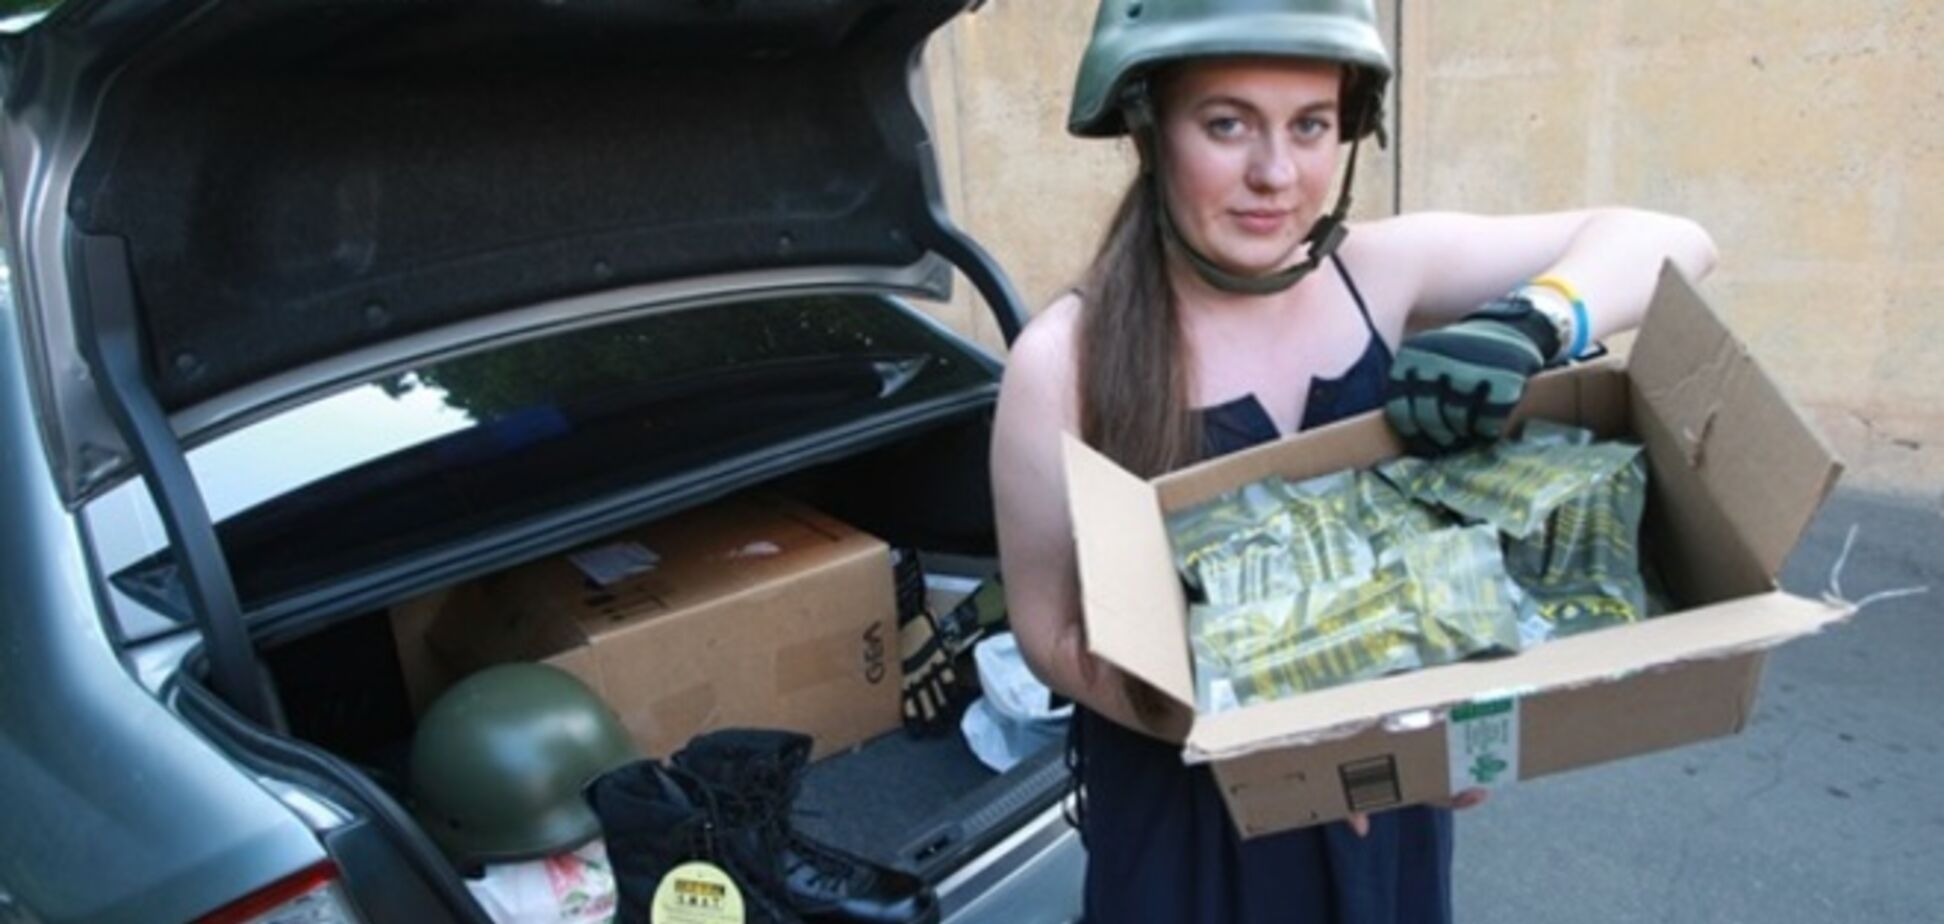 Волонтеры из зоны АТО получат статус участника боевых действий - Полторак